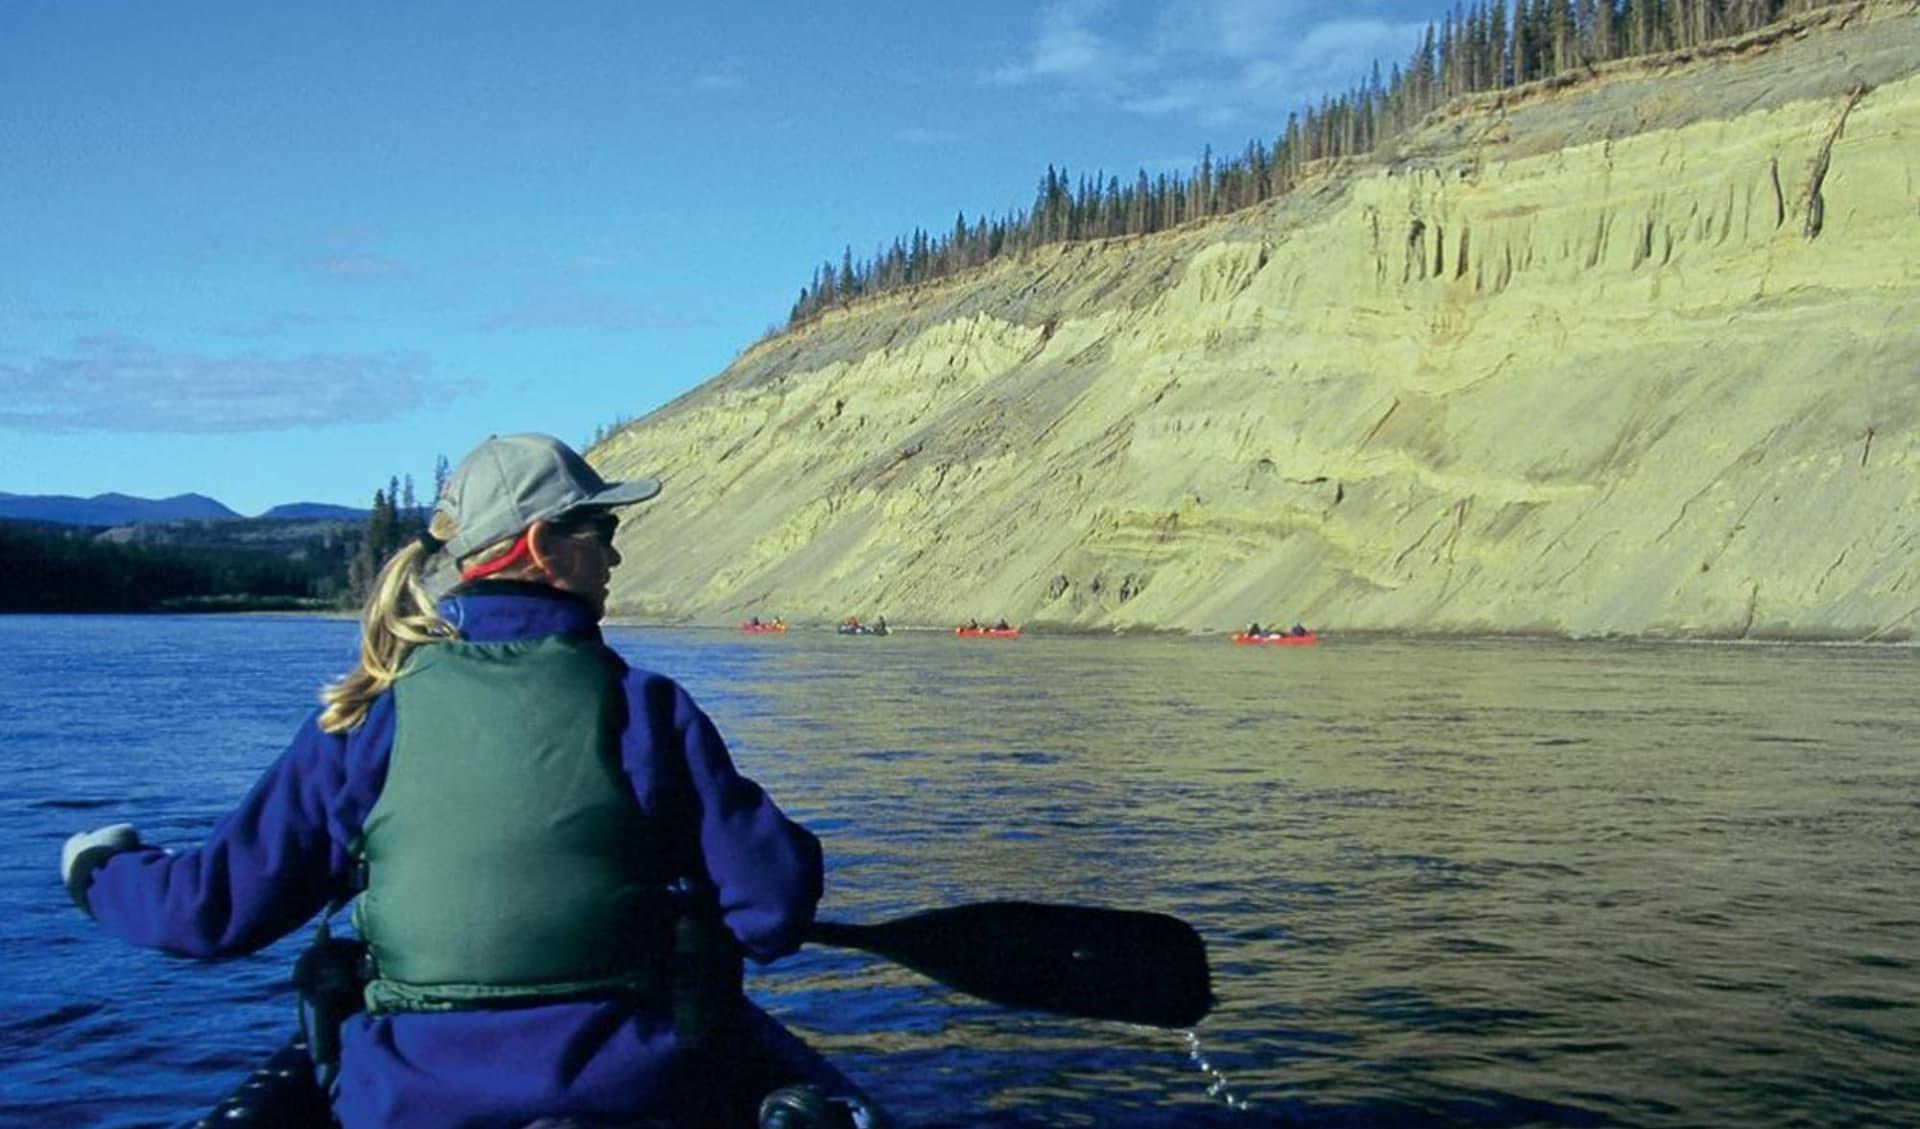 Yukon River Abenteuer ab Whitehorse: Yukon - River Abenteuer Kanu